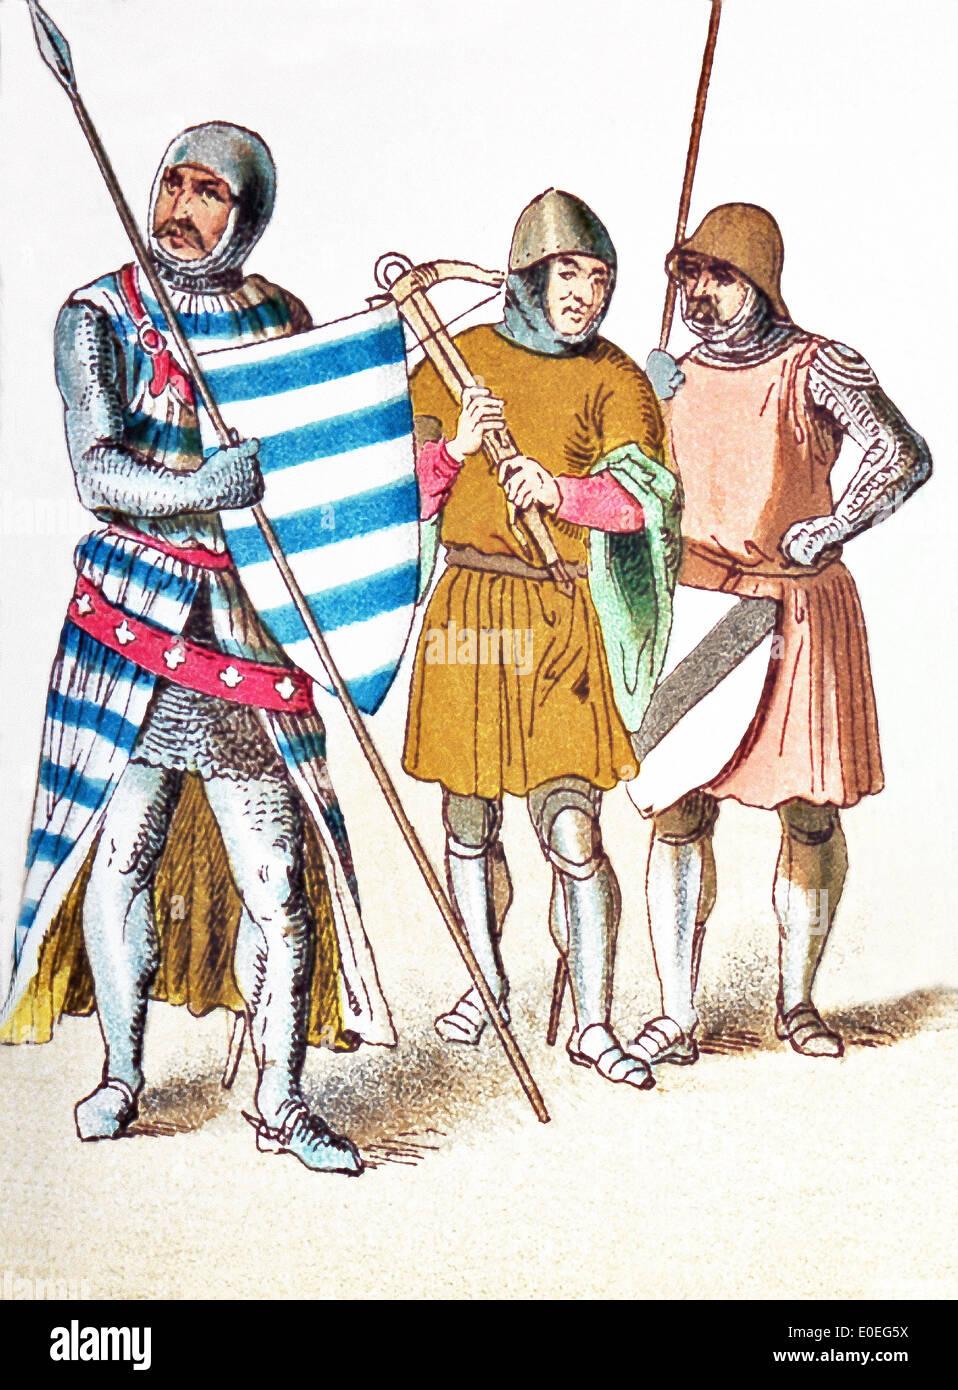 Die Engländer, die hier vertreten sind: ein Ritter im Jahre 1333, ein Bogen-Mann im Jahre 1376 und ein Ritter. Stockbild